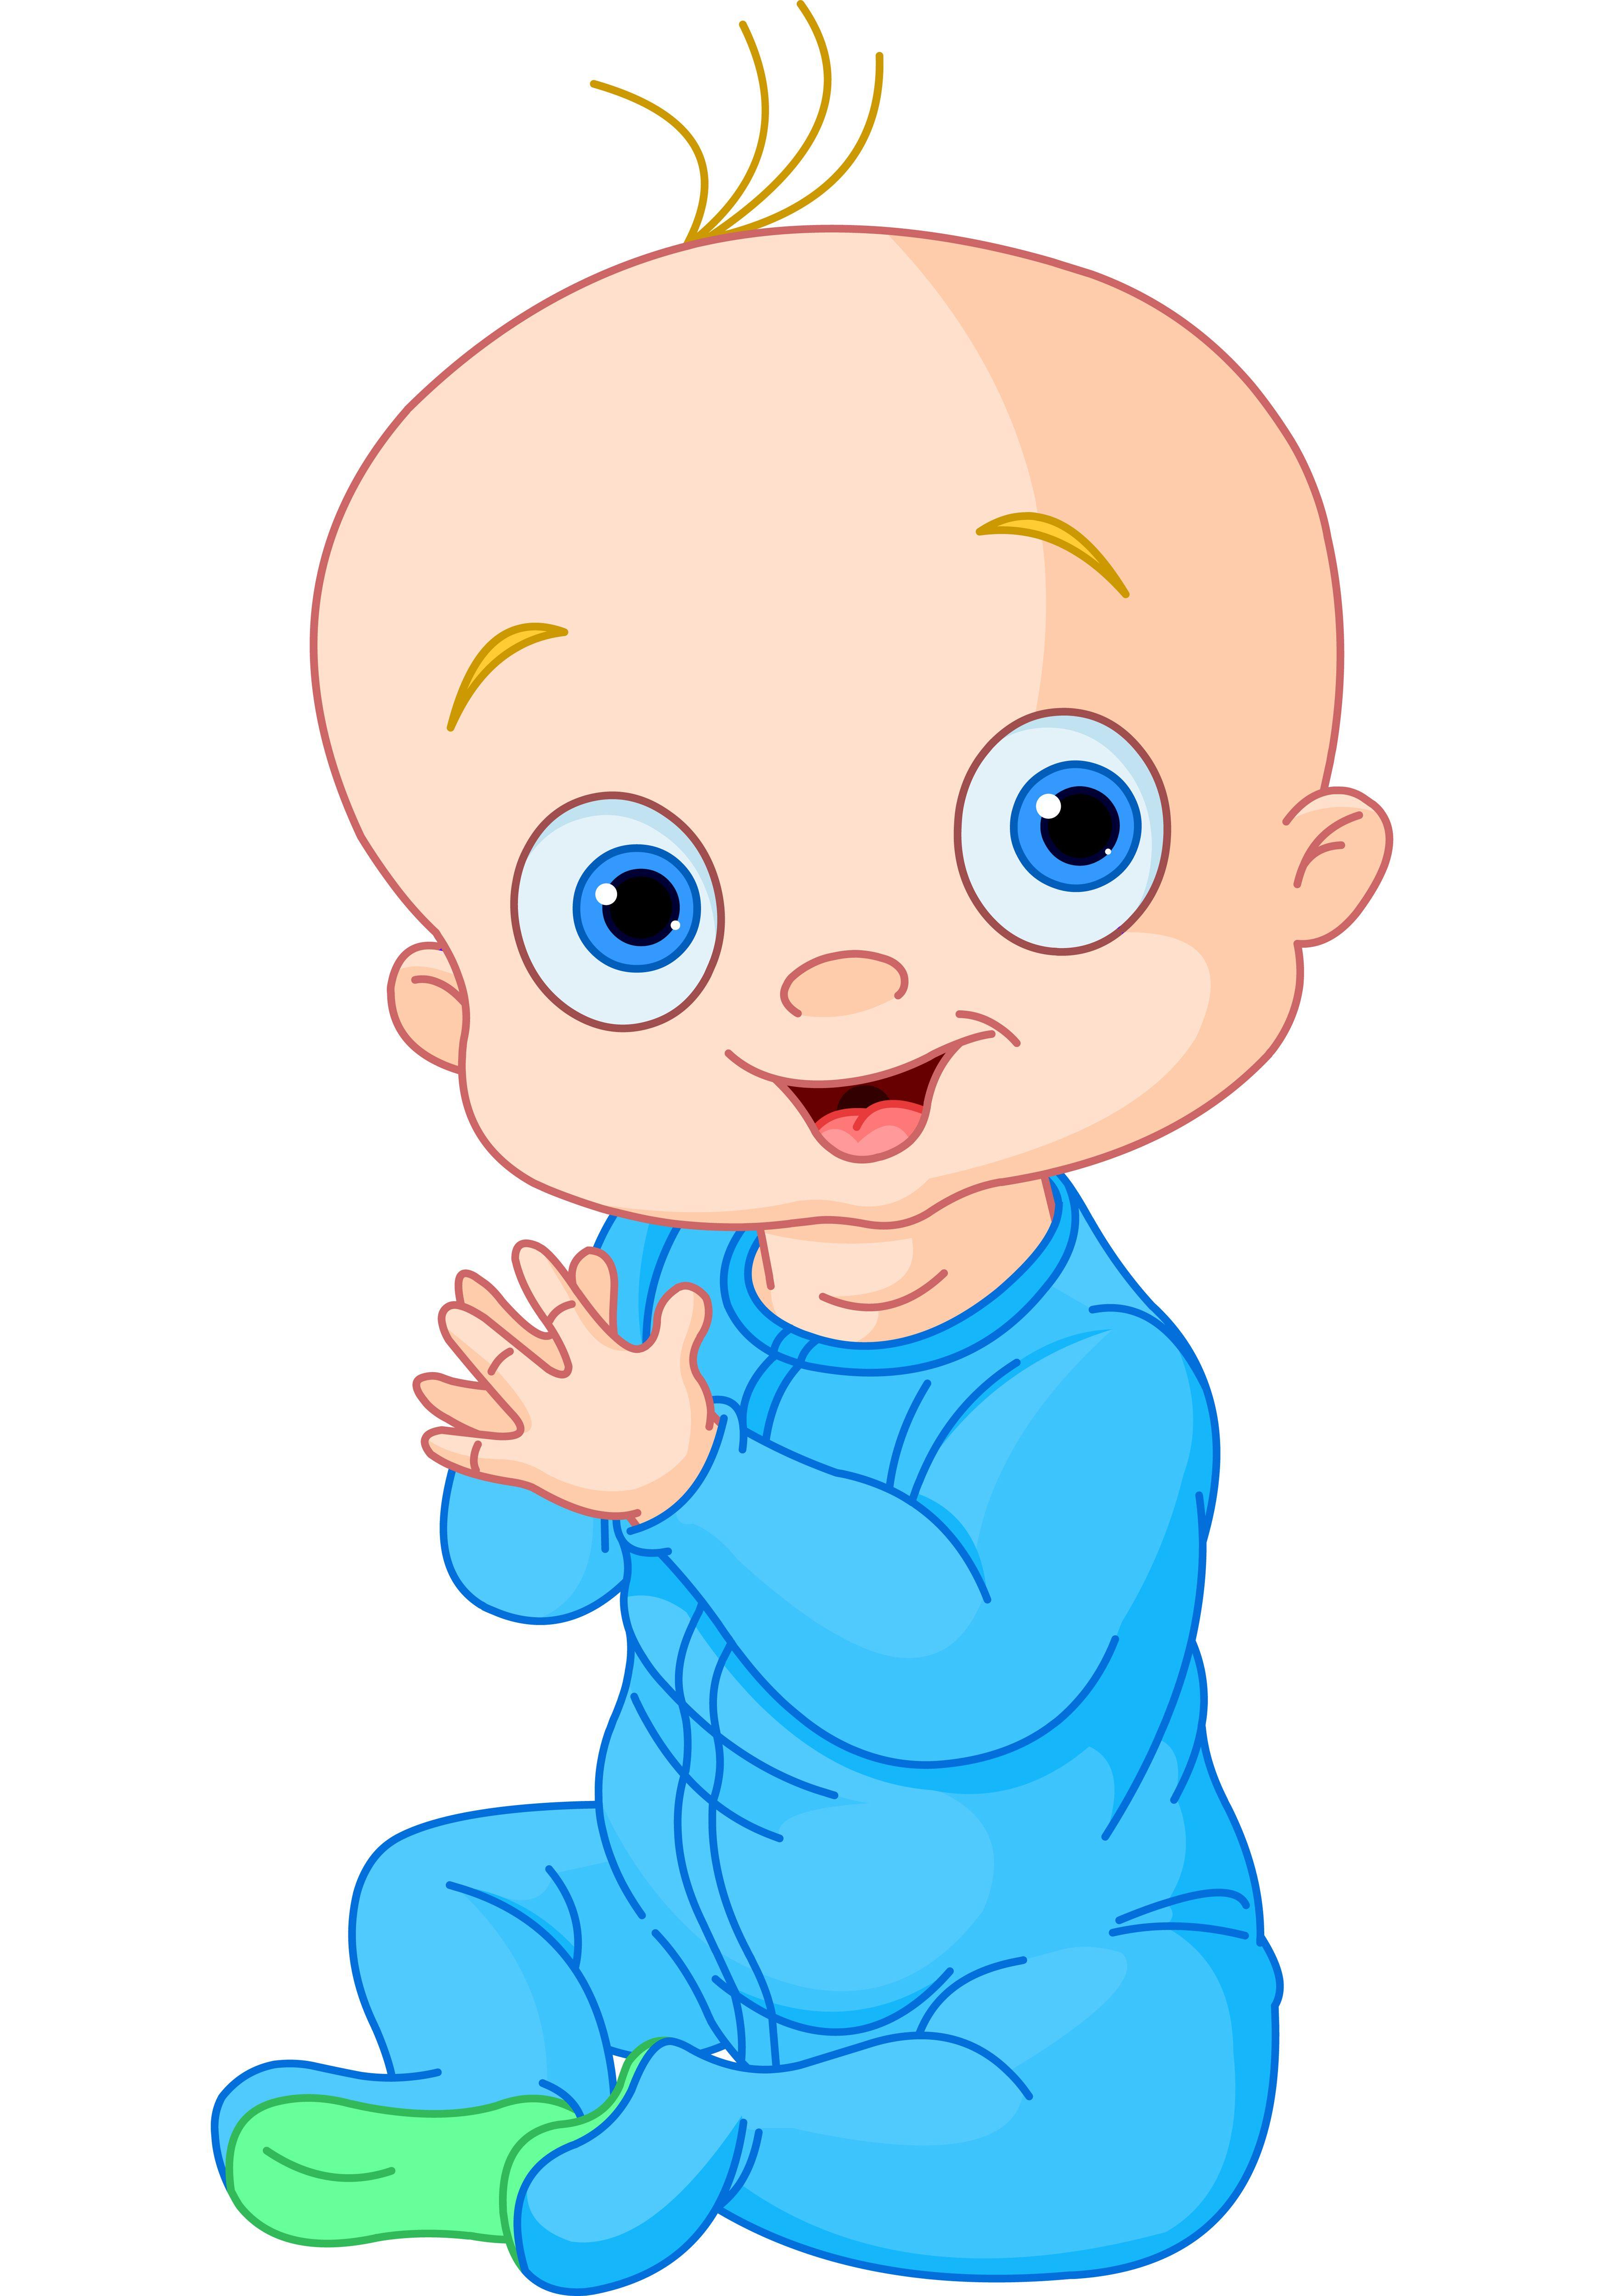 0 D11fc 2ef9ffd8 Orig 3493 5000 Baby Clip Art Baby Cartoon Cute Baby Boy